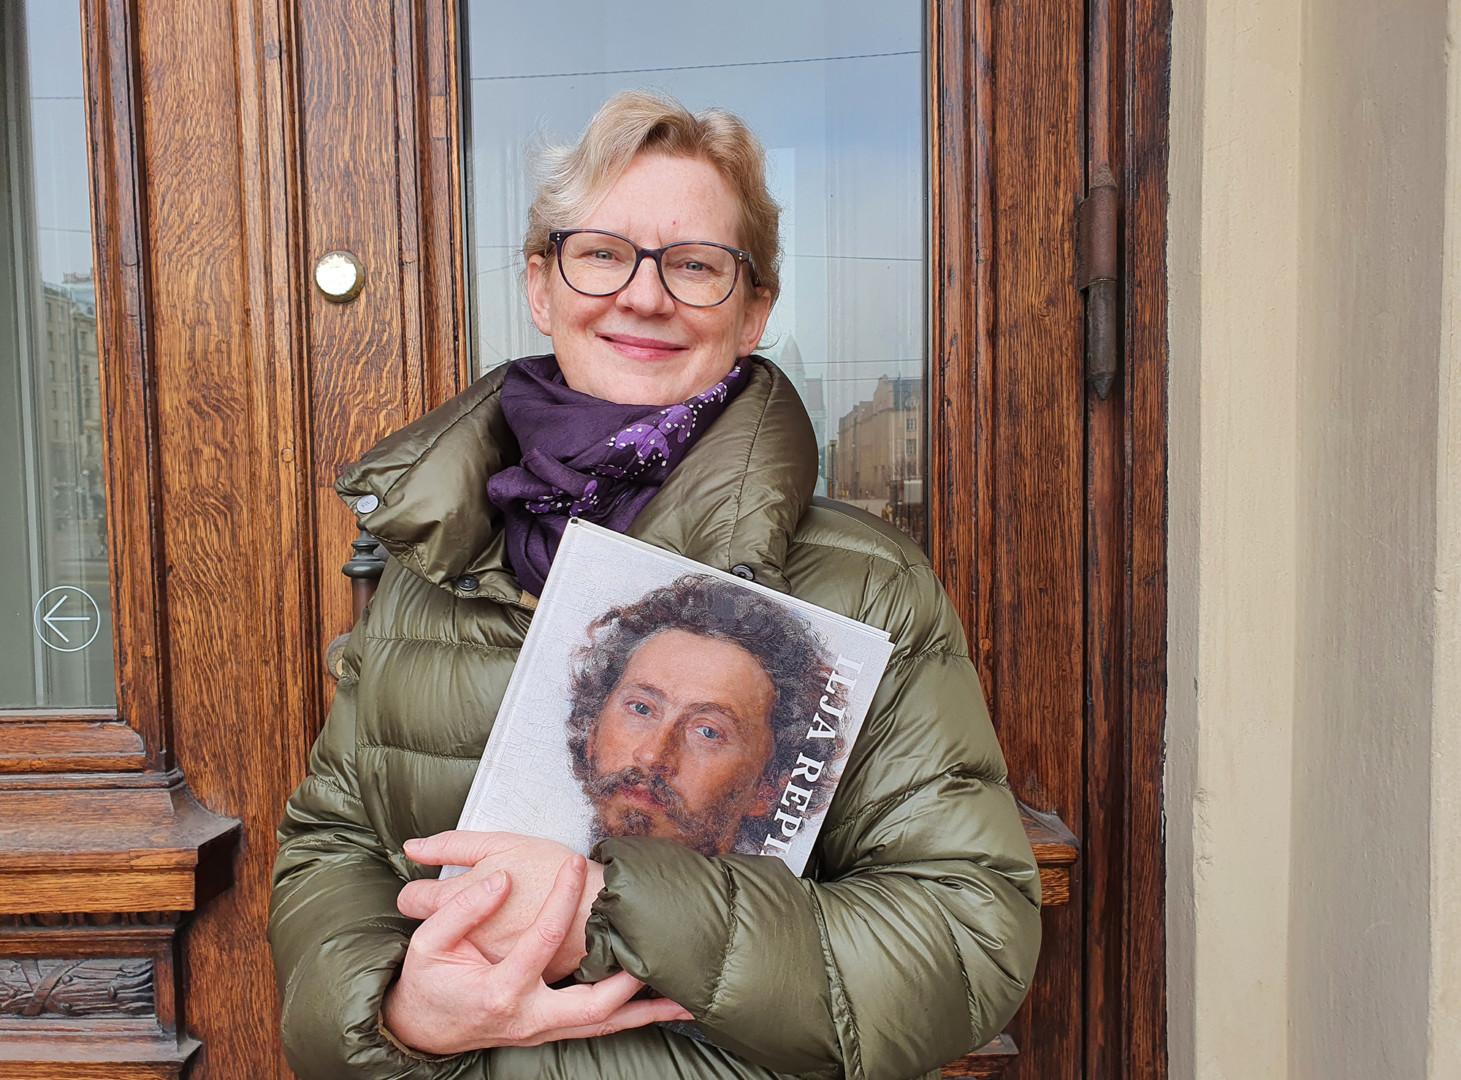 Venäjän kielen ja kulttuurin professori Sanna Turoma hymyilee Ateneumin pääovien edessä Ilja Repin -kirja kädessään.